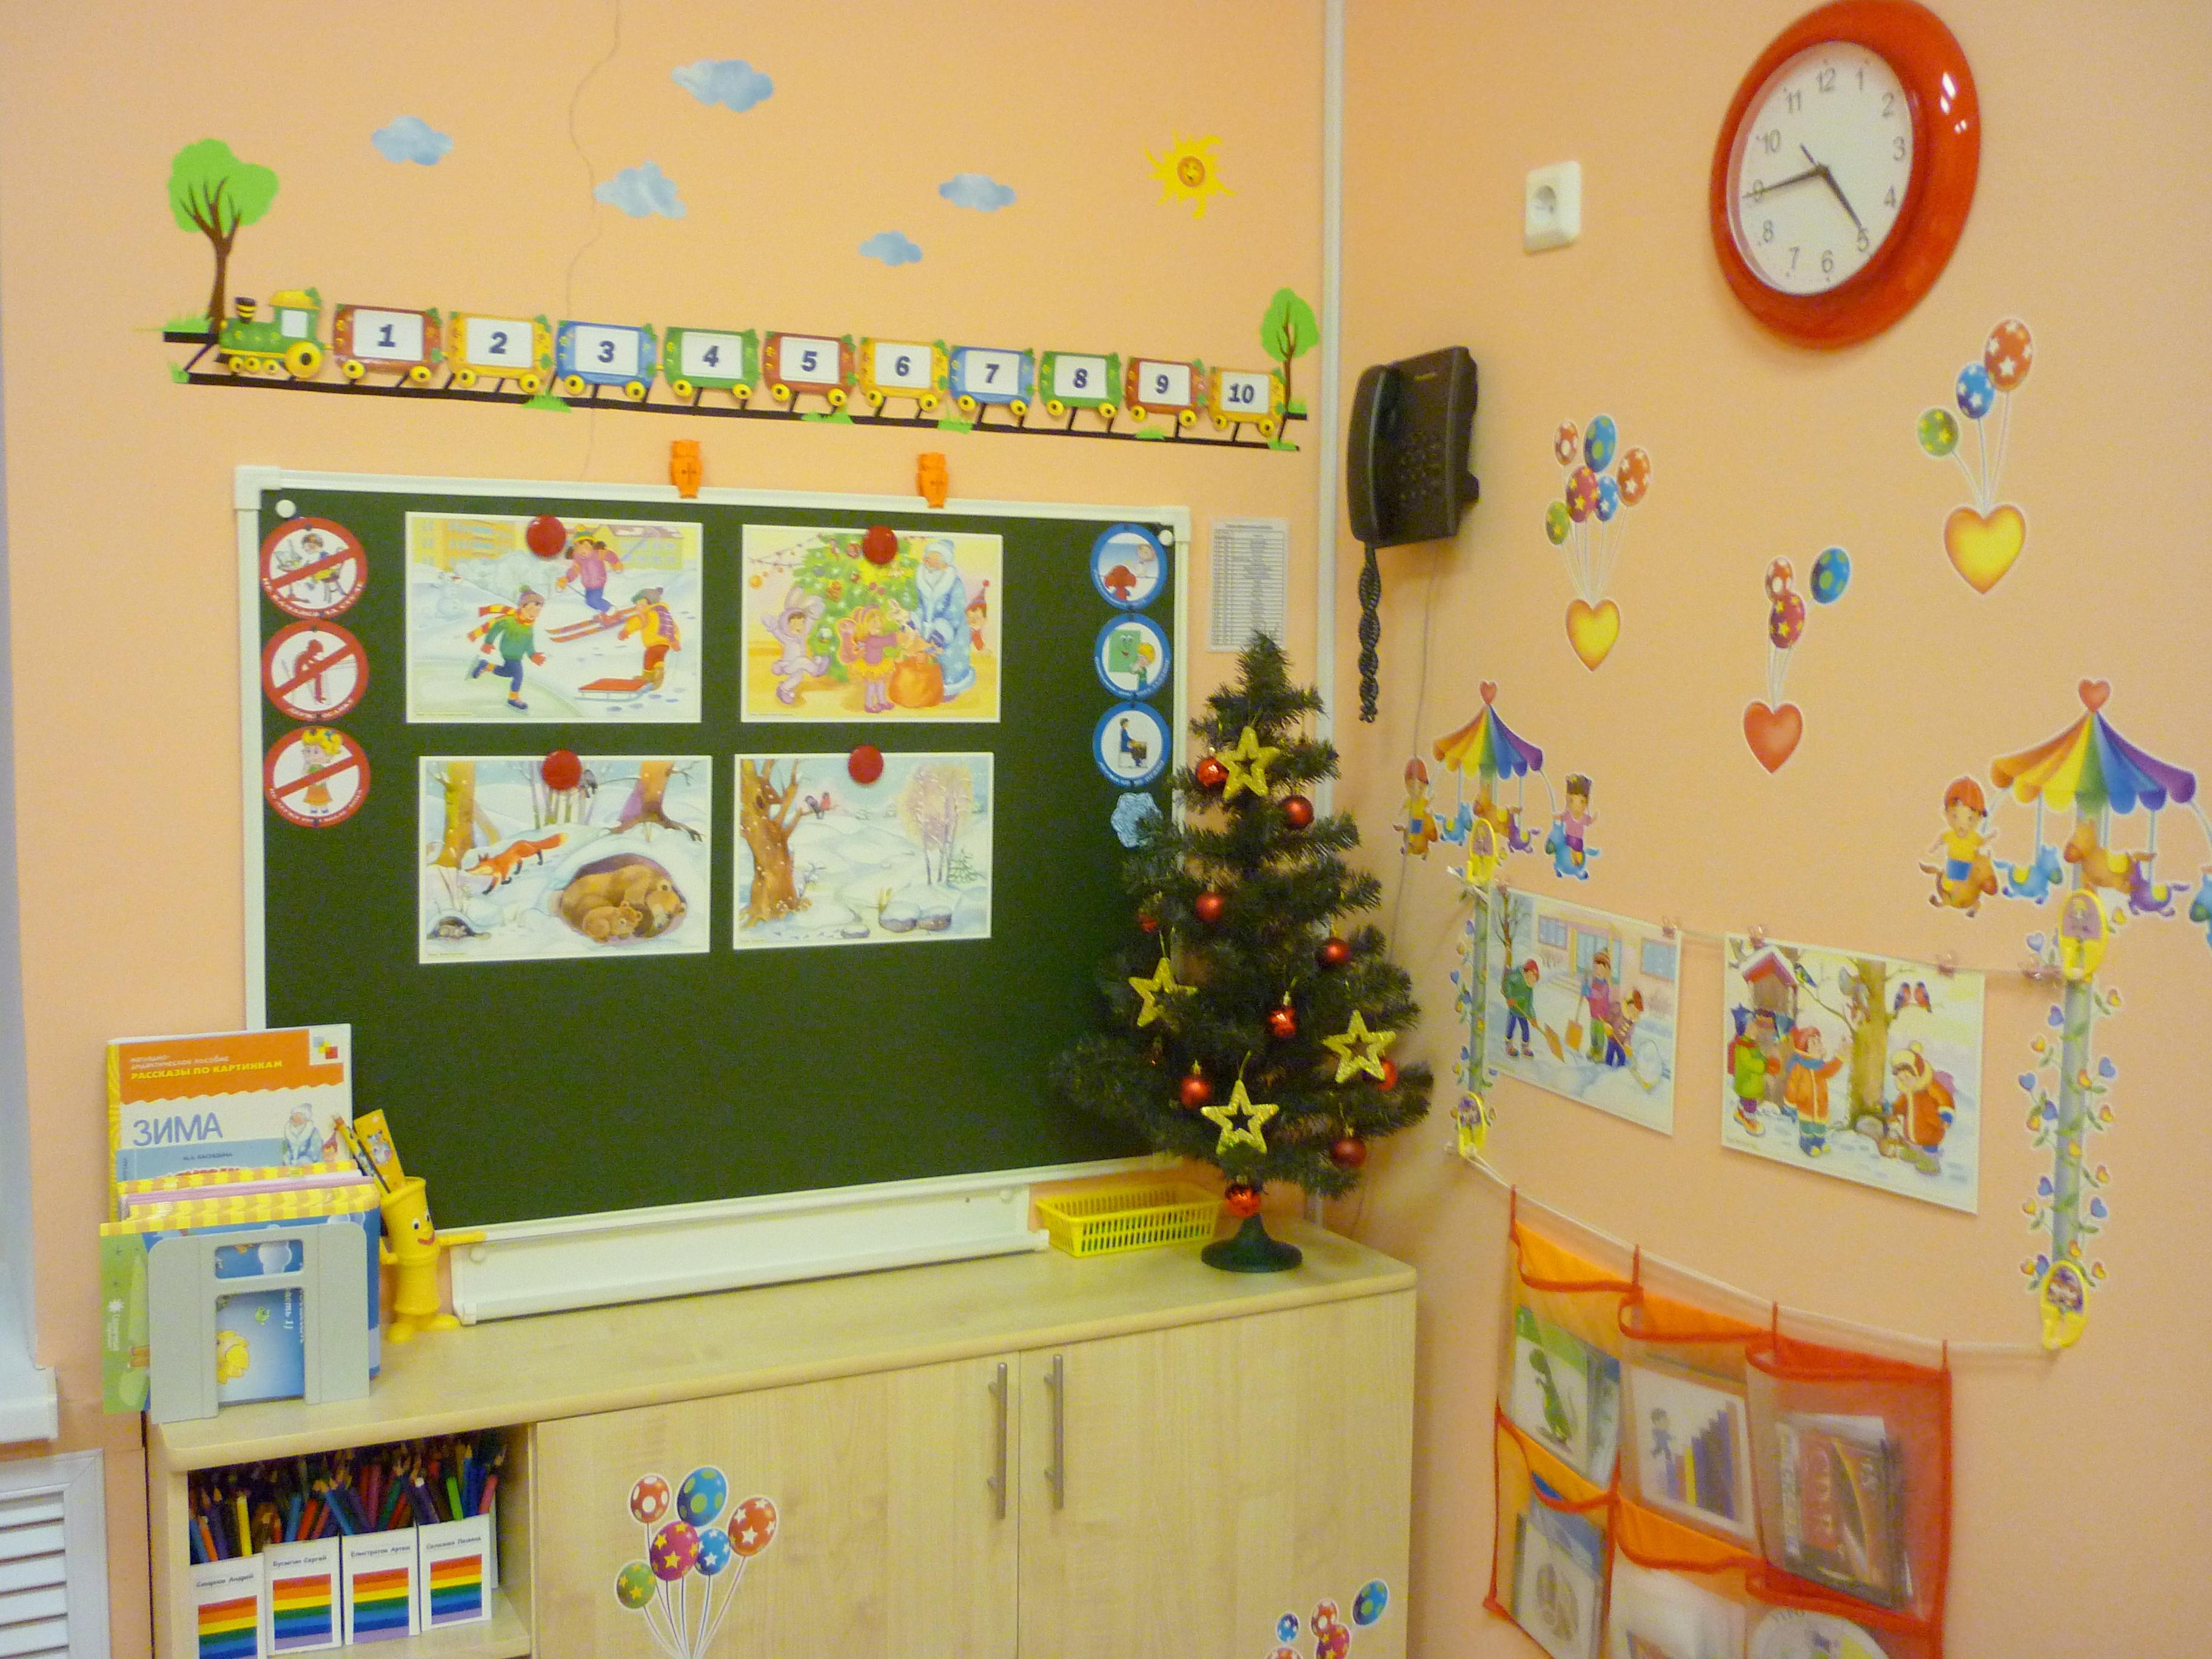 Уголки в детском саду: оформление по ФГОС фото - t 54